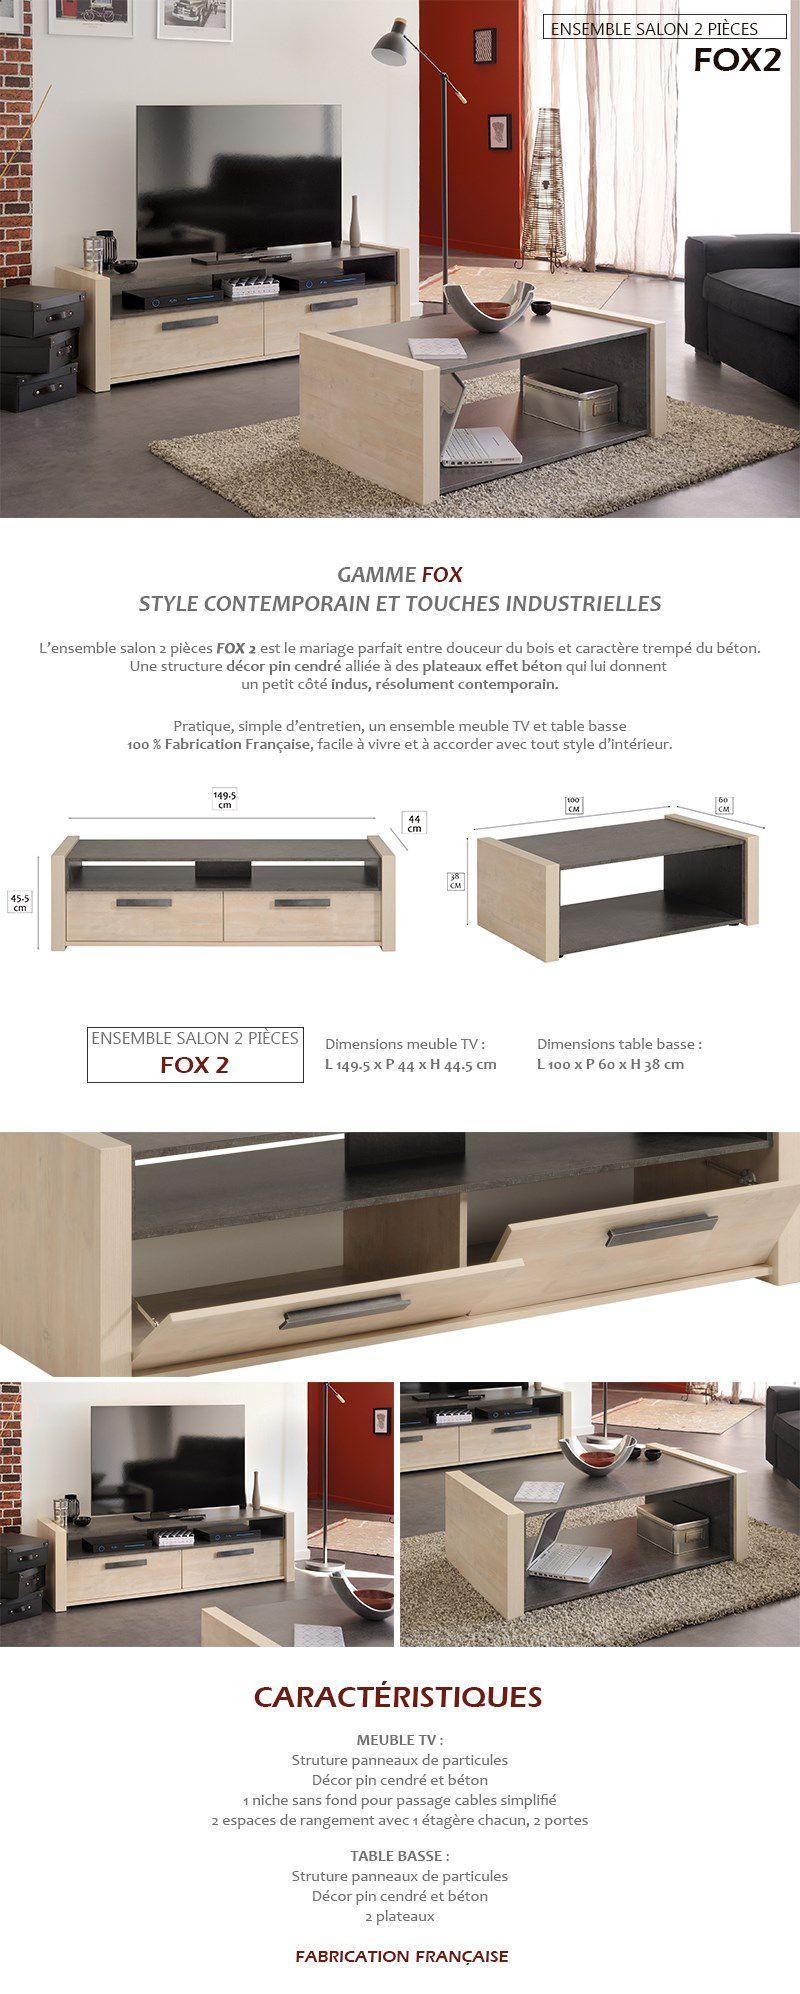 Luxus Meuble Tv Et Table Basse Id Es De Conception De Table Basse # Meuble Tv Beton Bois